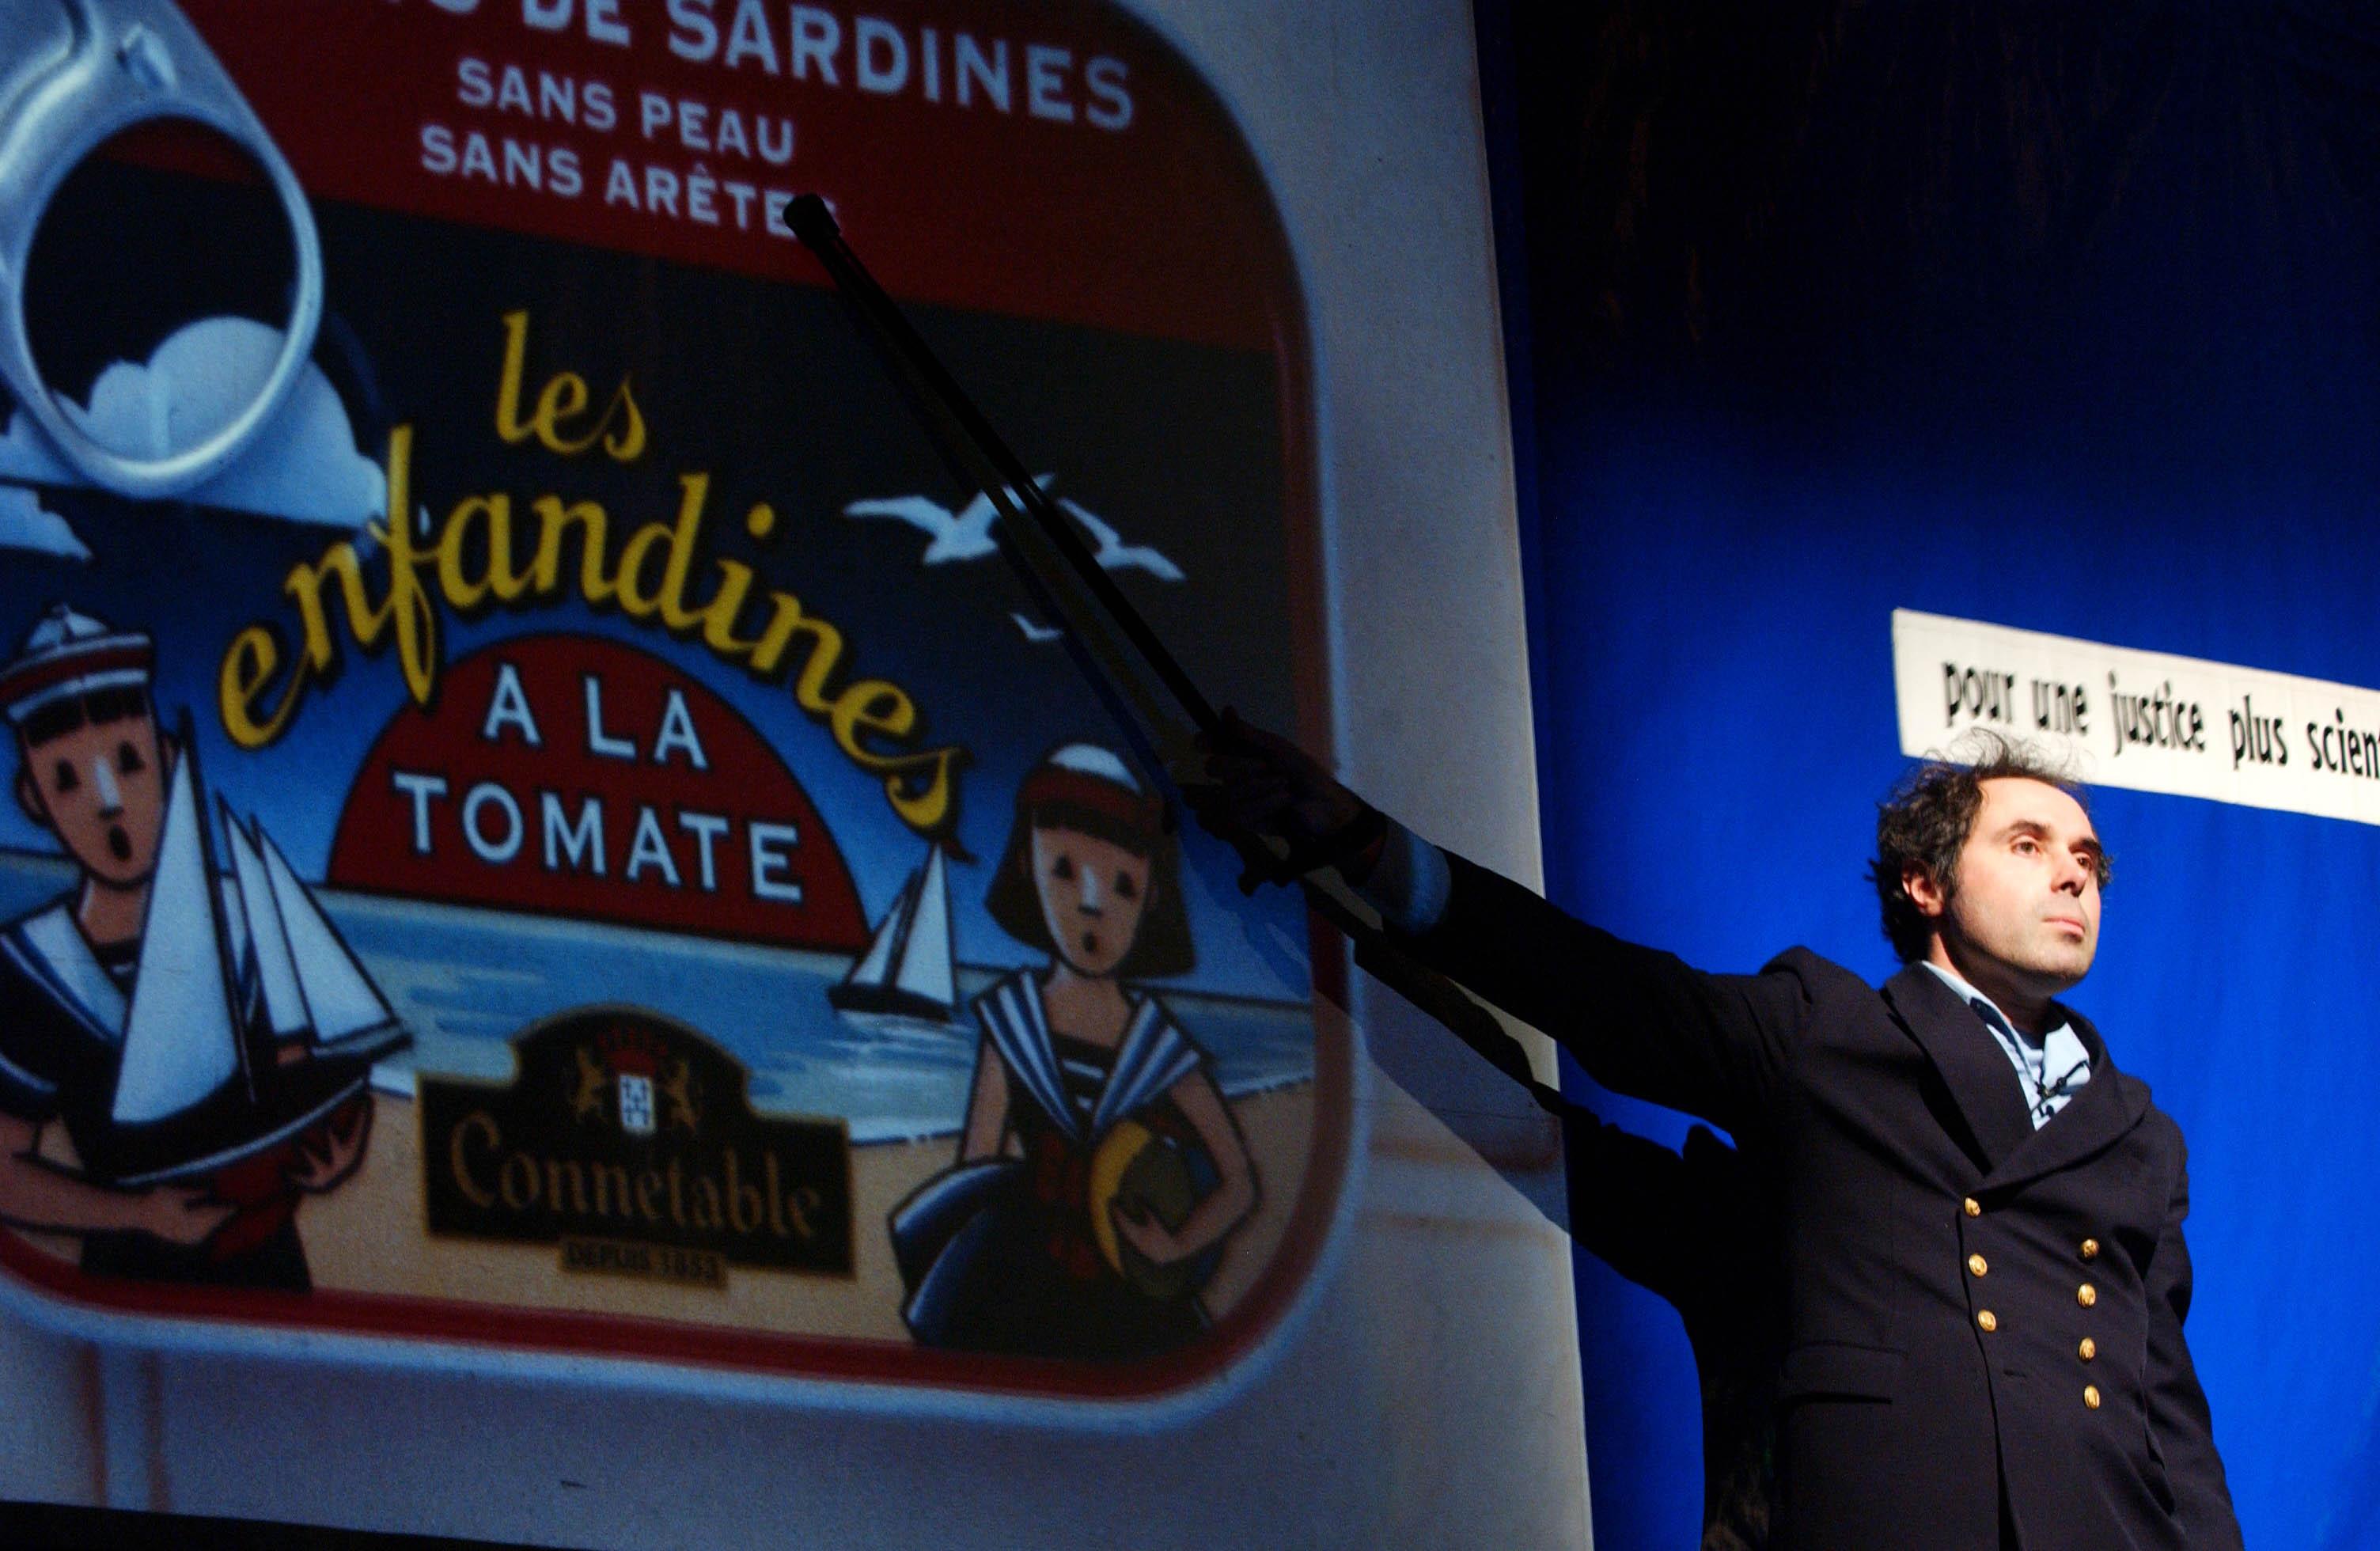 SANKA_L_affaire_sardines_Thierry_Mezerette_90_300dpi